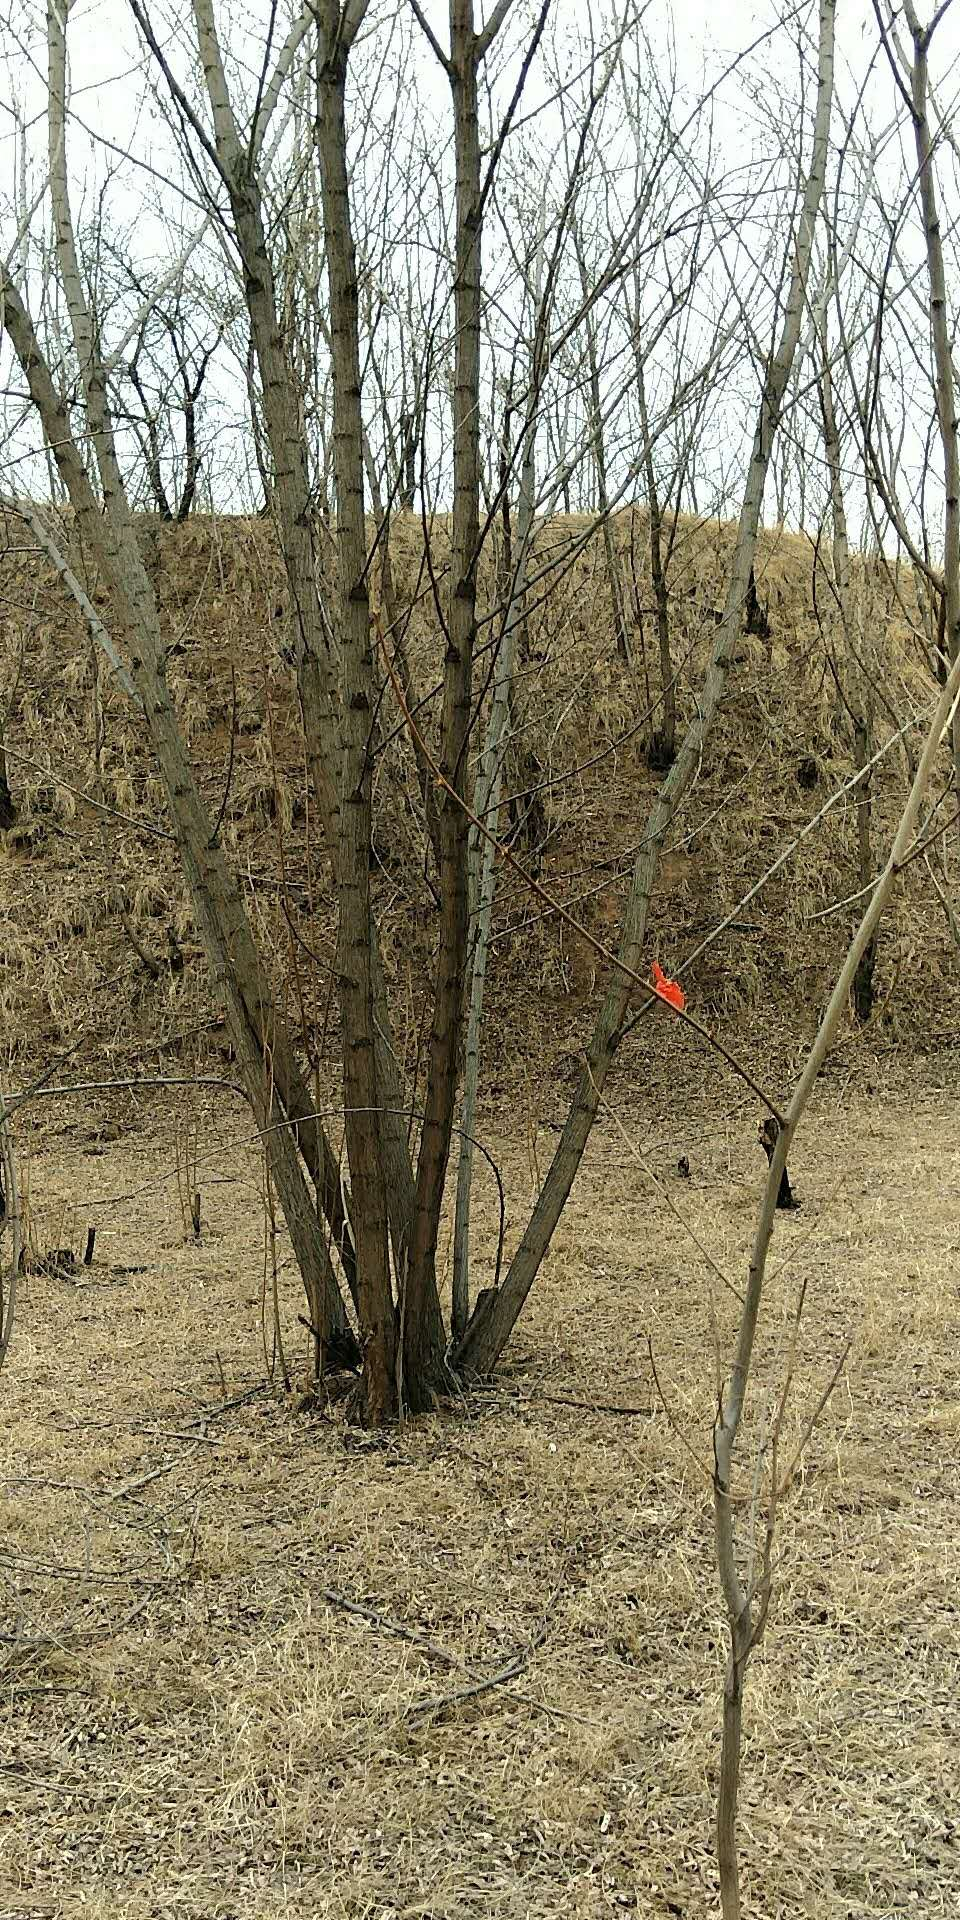 6米丛生刺槐几个分支,6米丛生刺槐什么价格